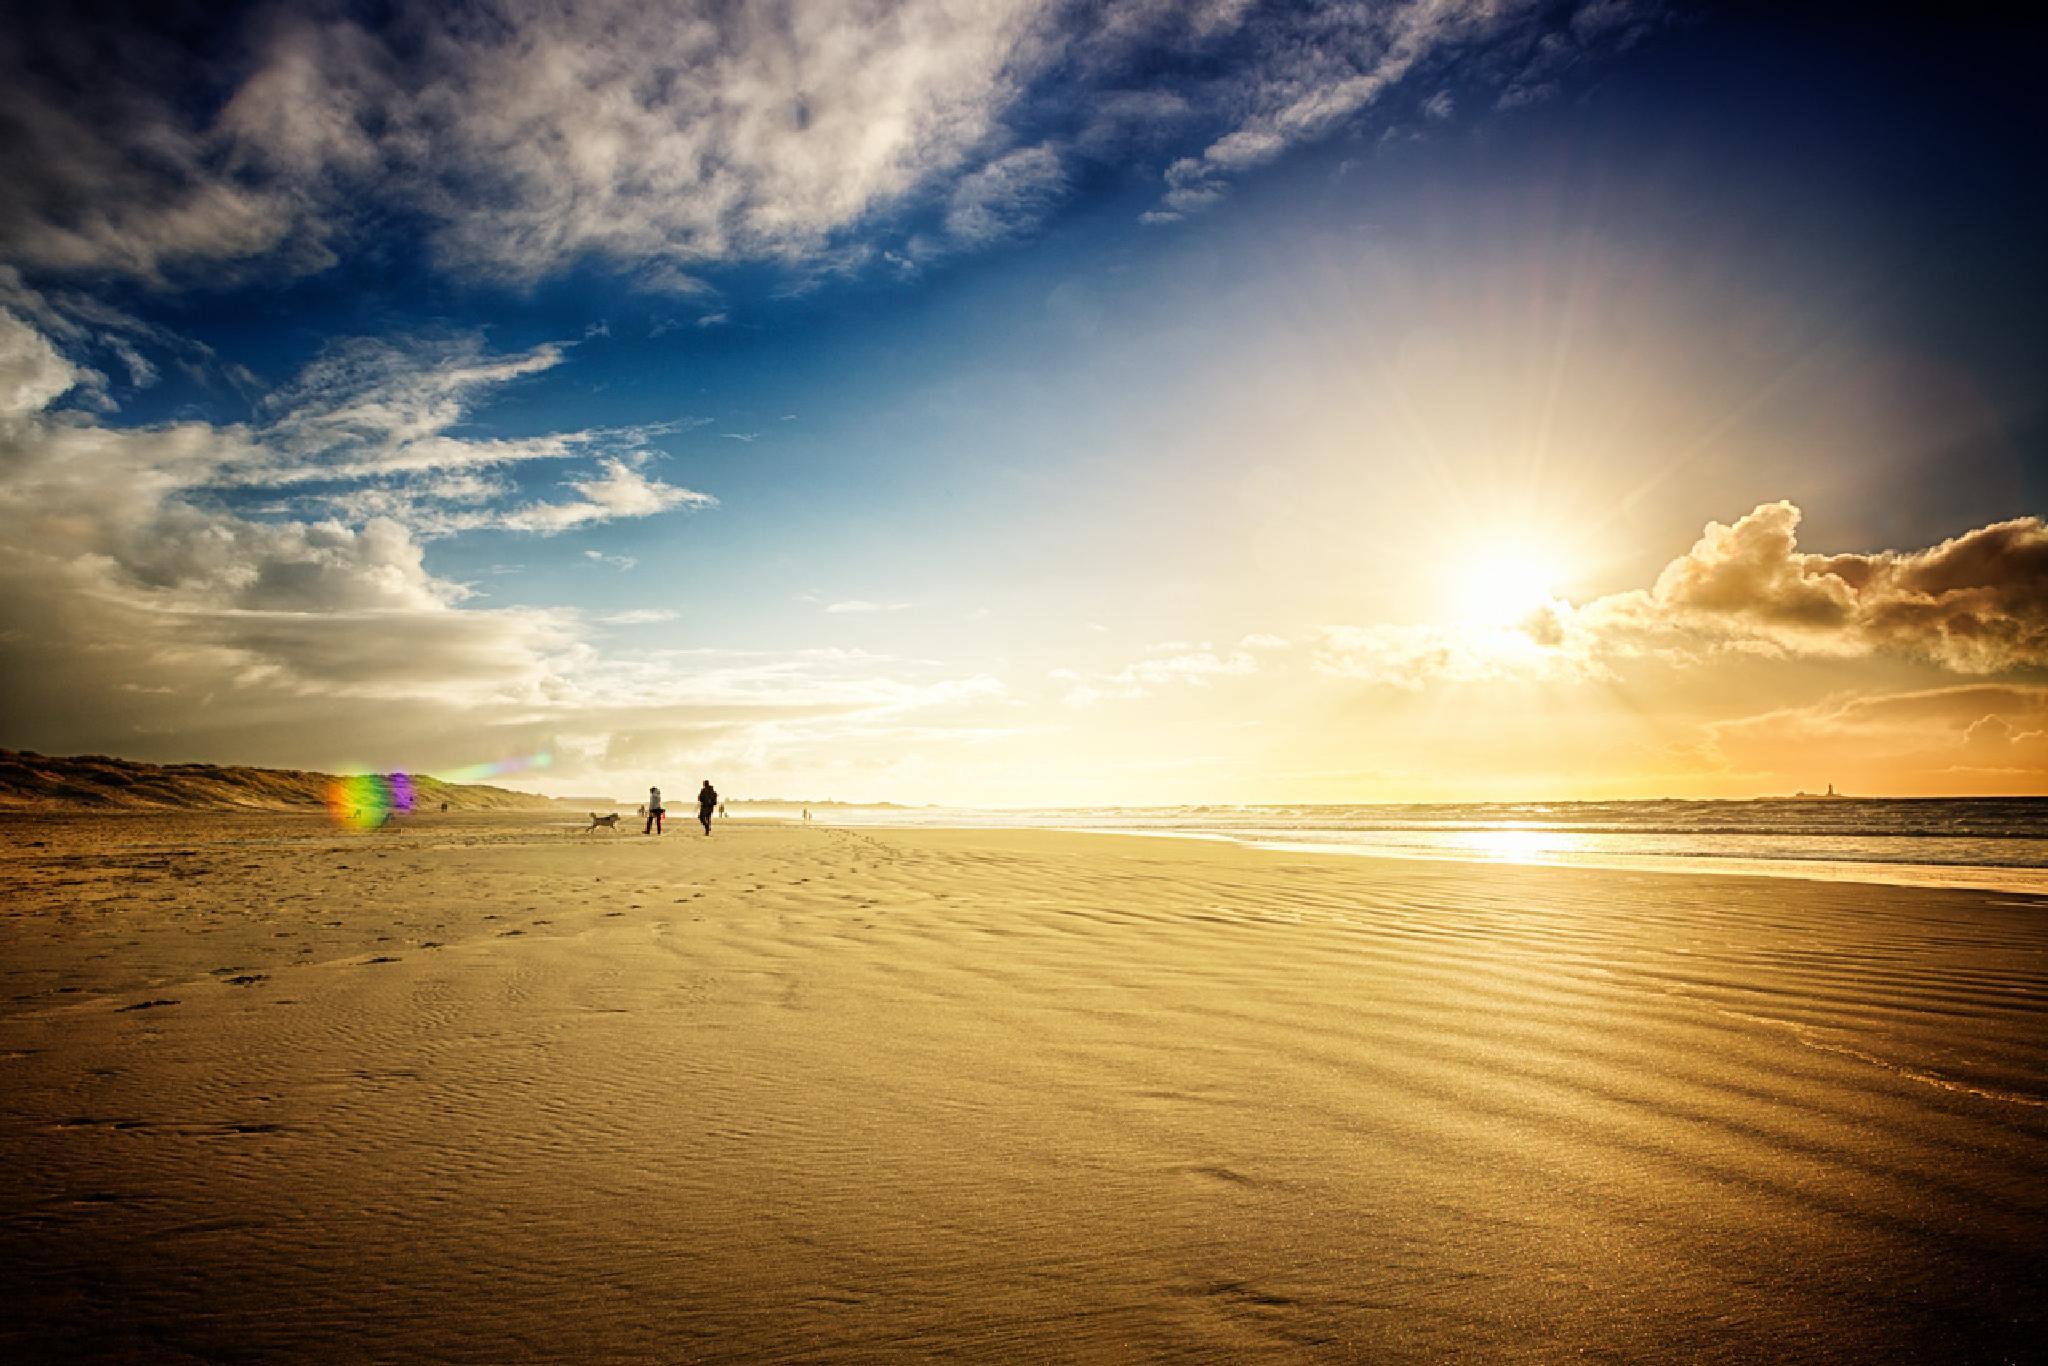 Sunny beach by Frank Emil Østborg